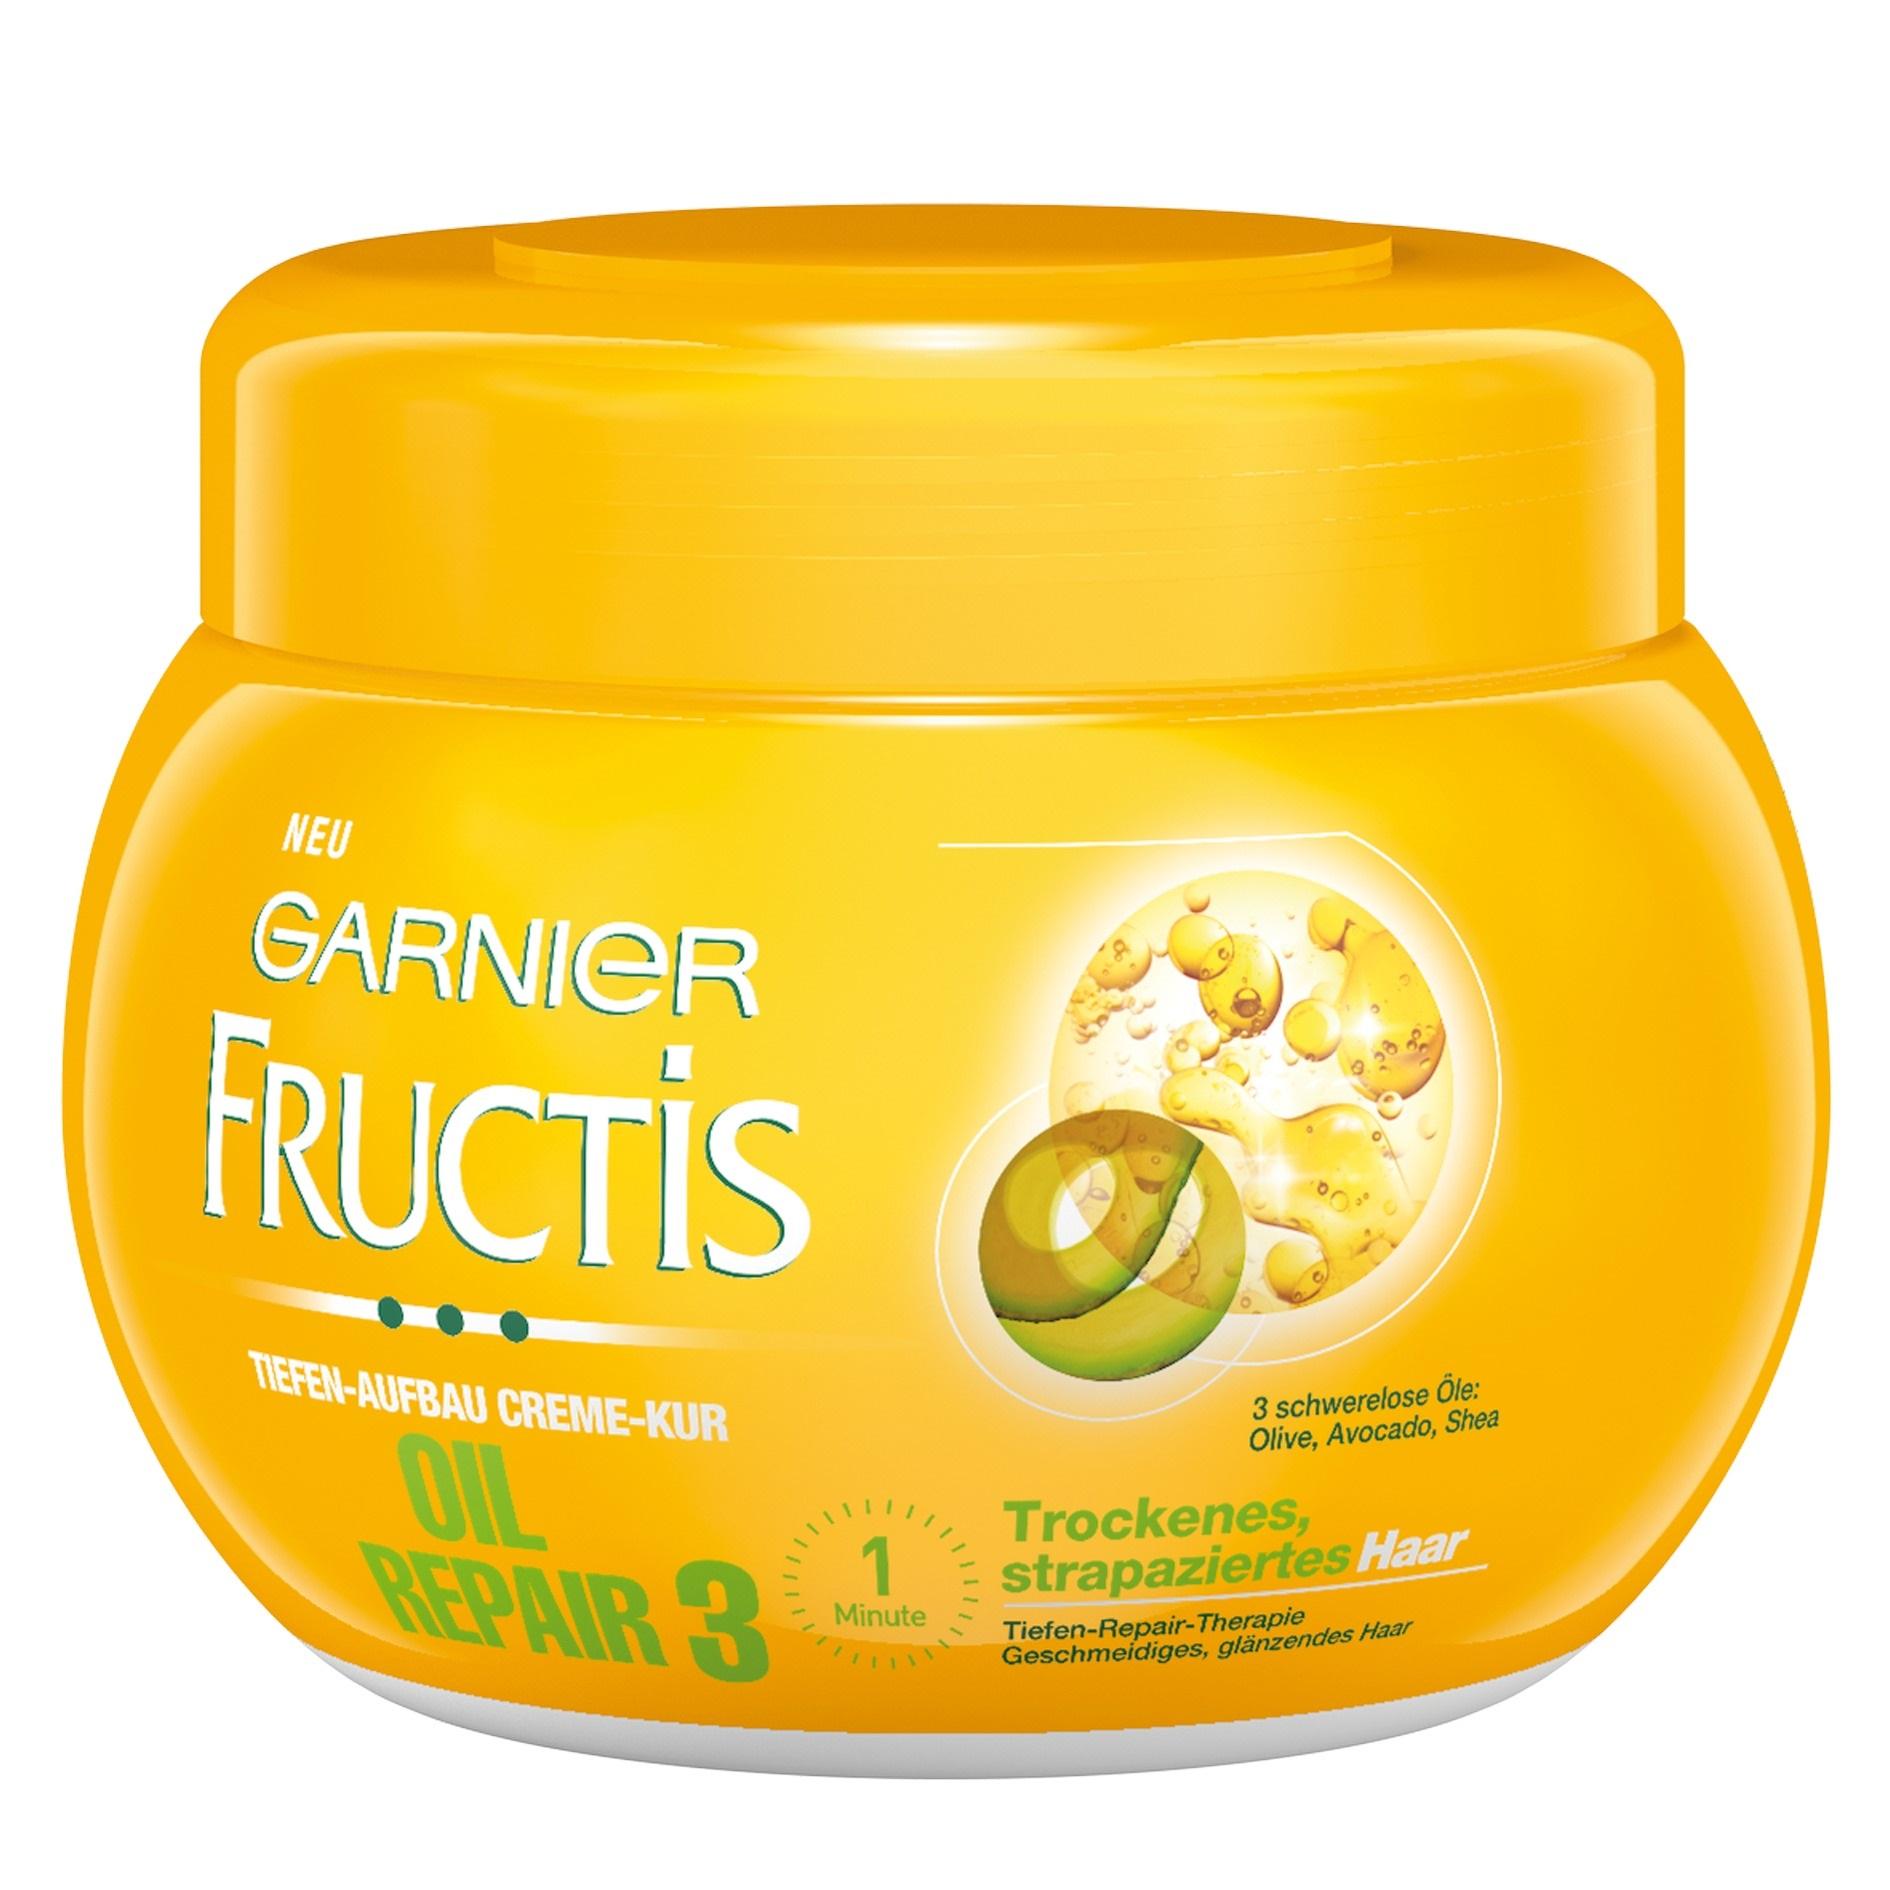 Garnier Fructis Creme-Kur Oil Repair 3 300 ml